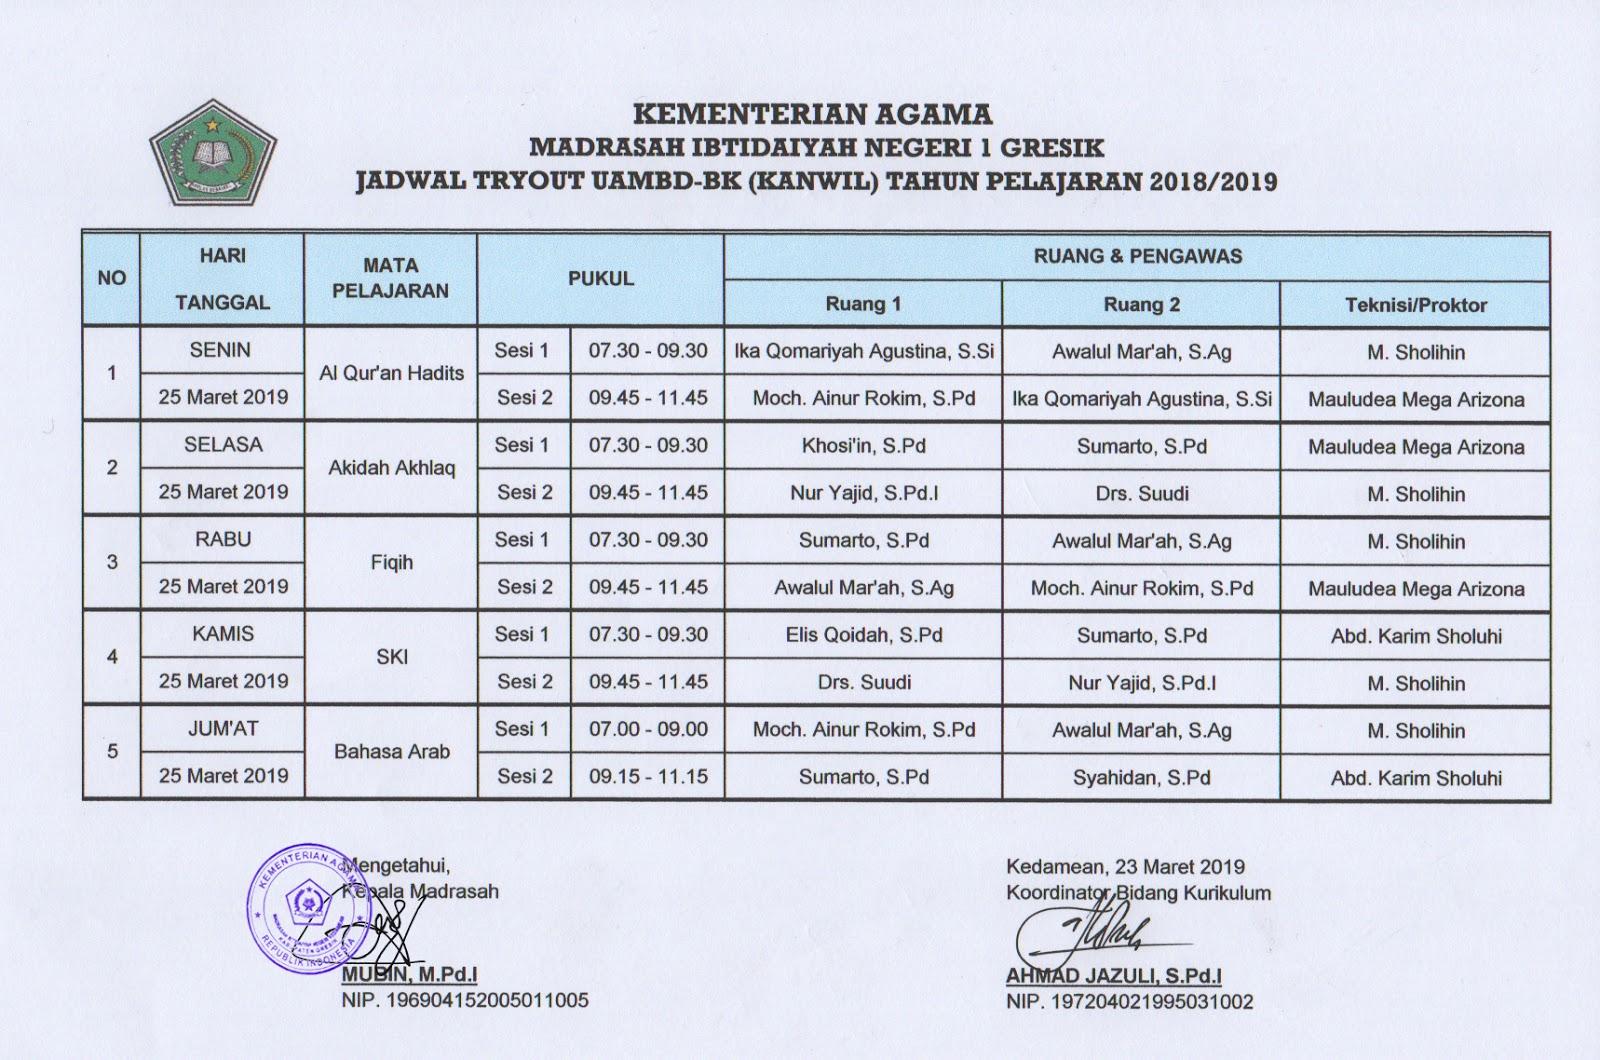 jadwal try out uambd-bk kanwil jawa timur 2019